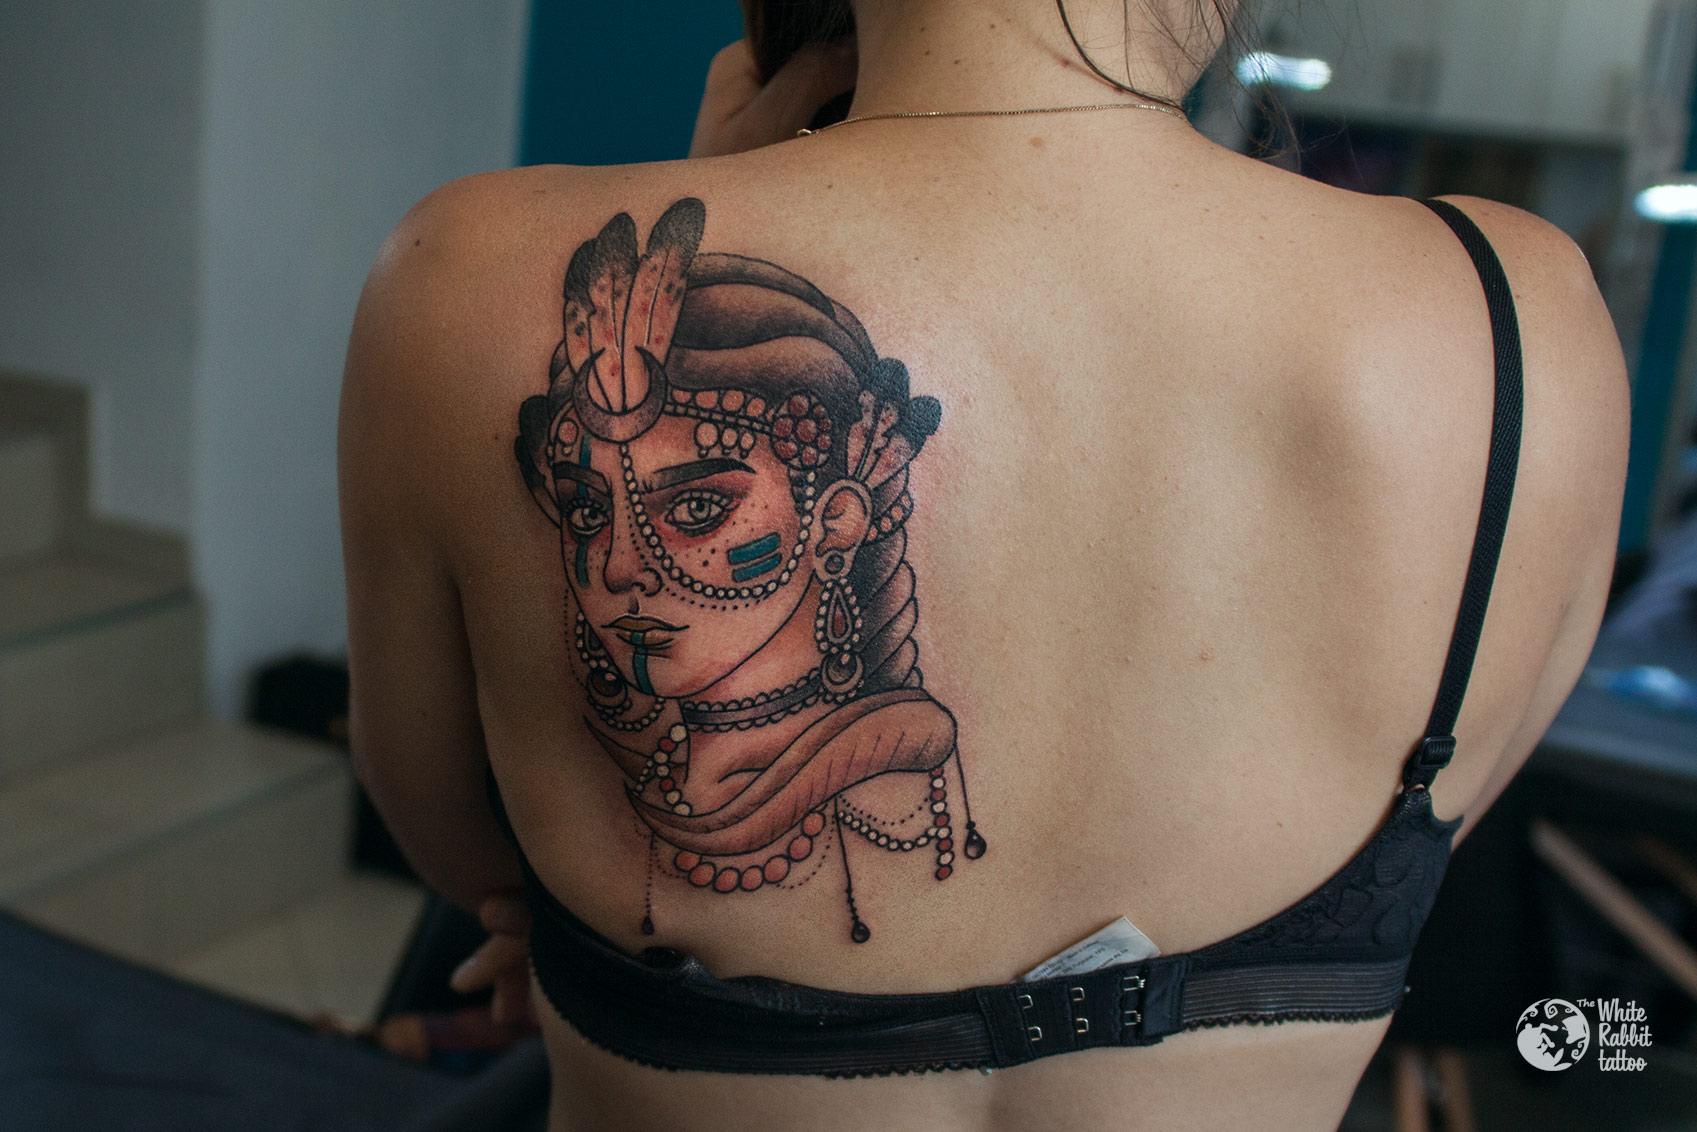 Tatuaż neotradycyjny